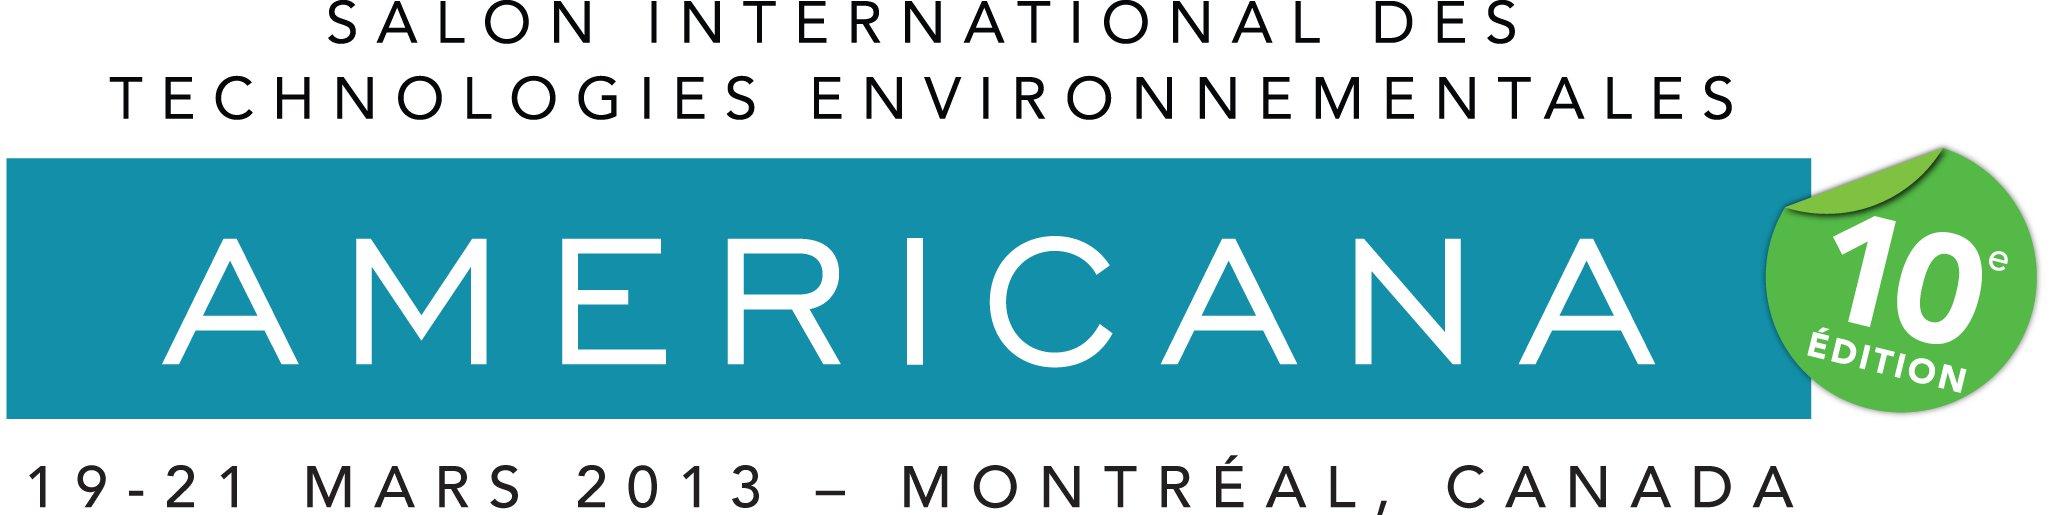 Salon de l'environnement Americana 2013, 19-21 mars à Montréal